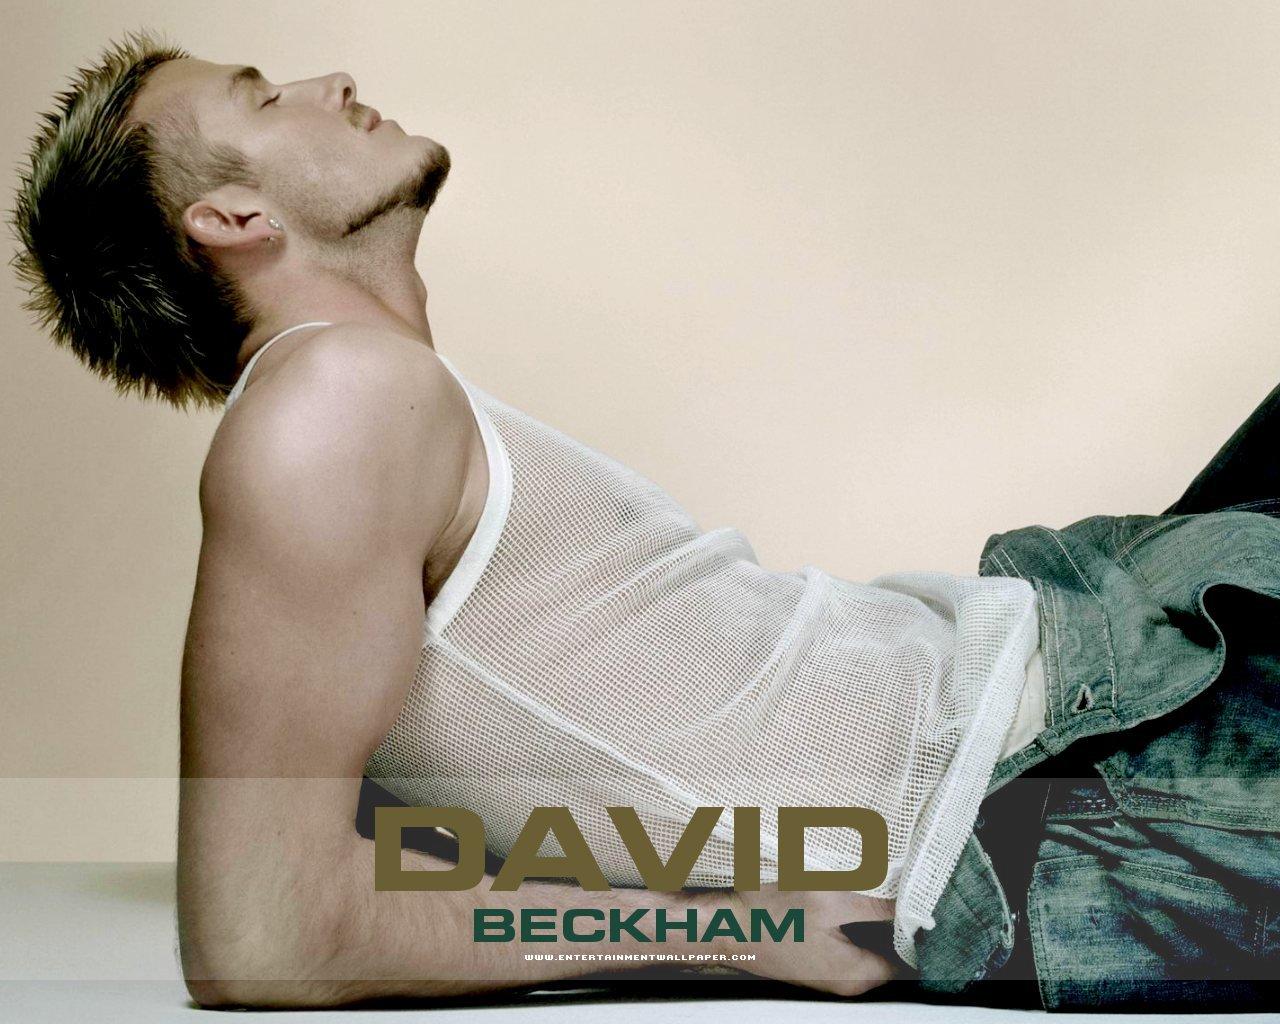 http://2.bp.blogspot.com/-5NXypu6PiB4/TjEYFpxt8iI/AAAAAAAAALo/OogKyvo_EsI/s1600/David+Beckham+Wallpaper+%2528manchester+united%252C+real+amdrid%252C+US%2529+DB7+016.jpg